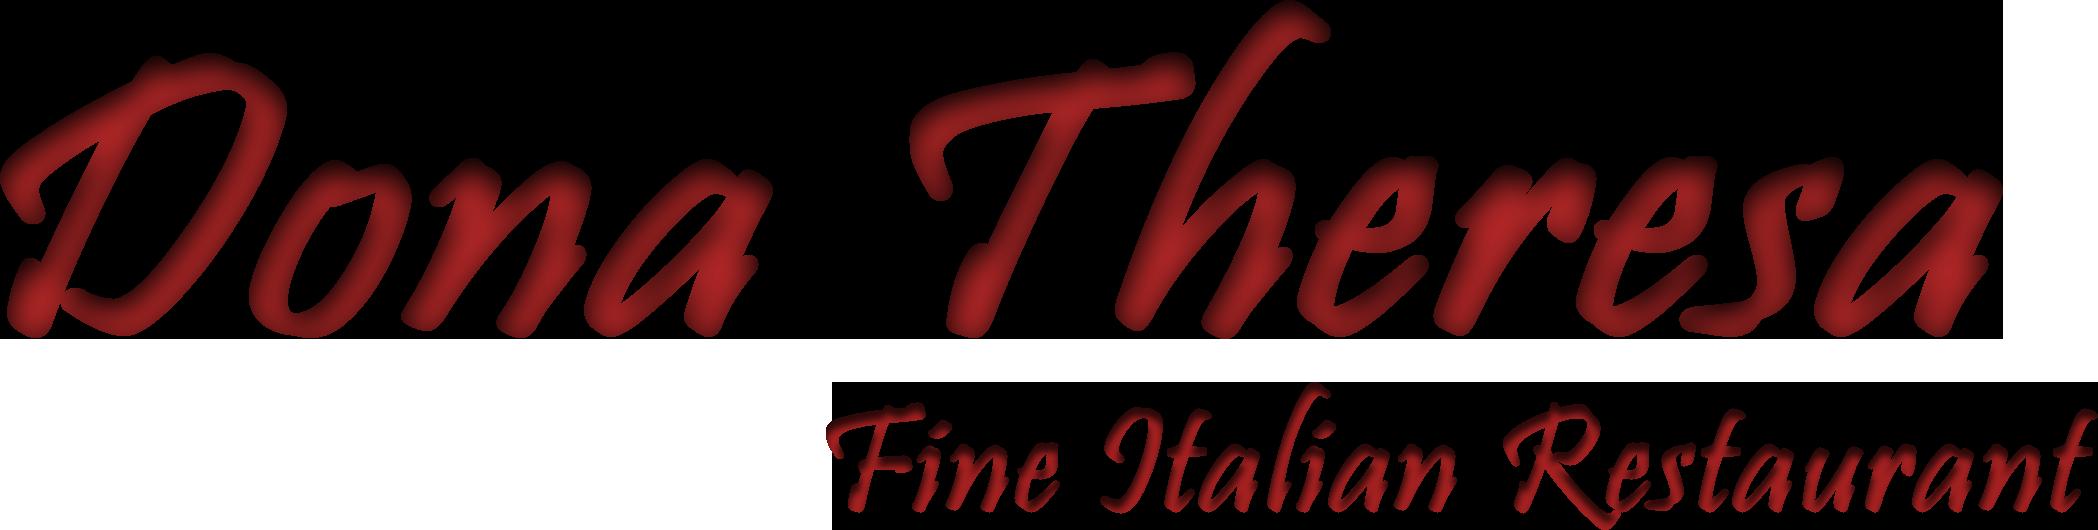 Fine Italian Restaurant in Pinner